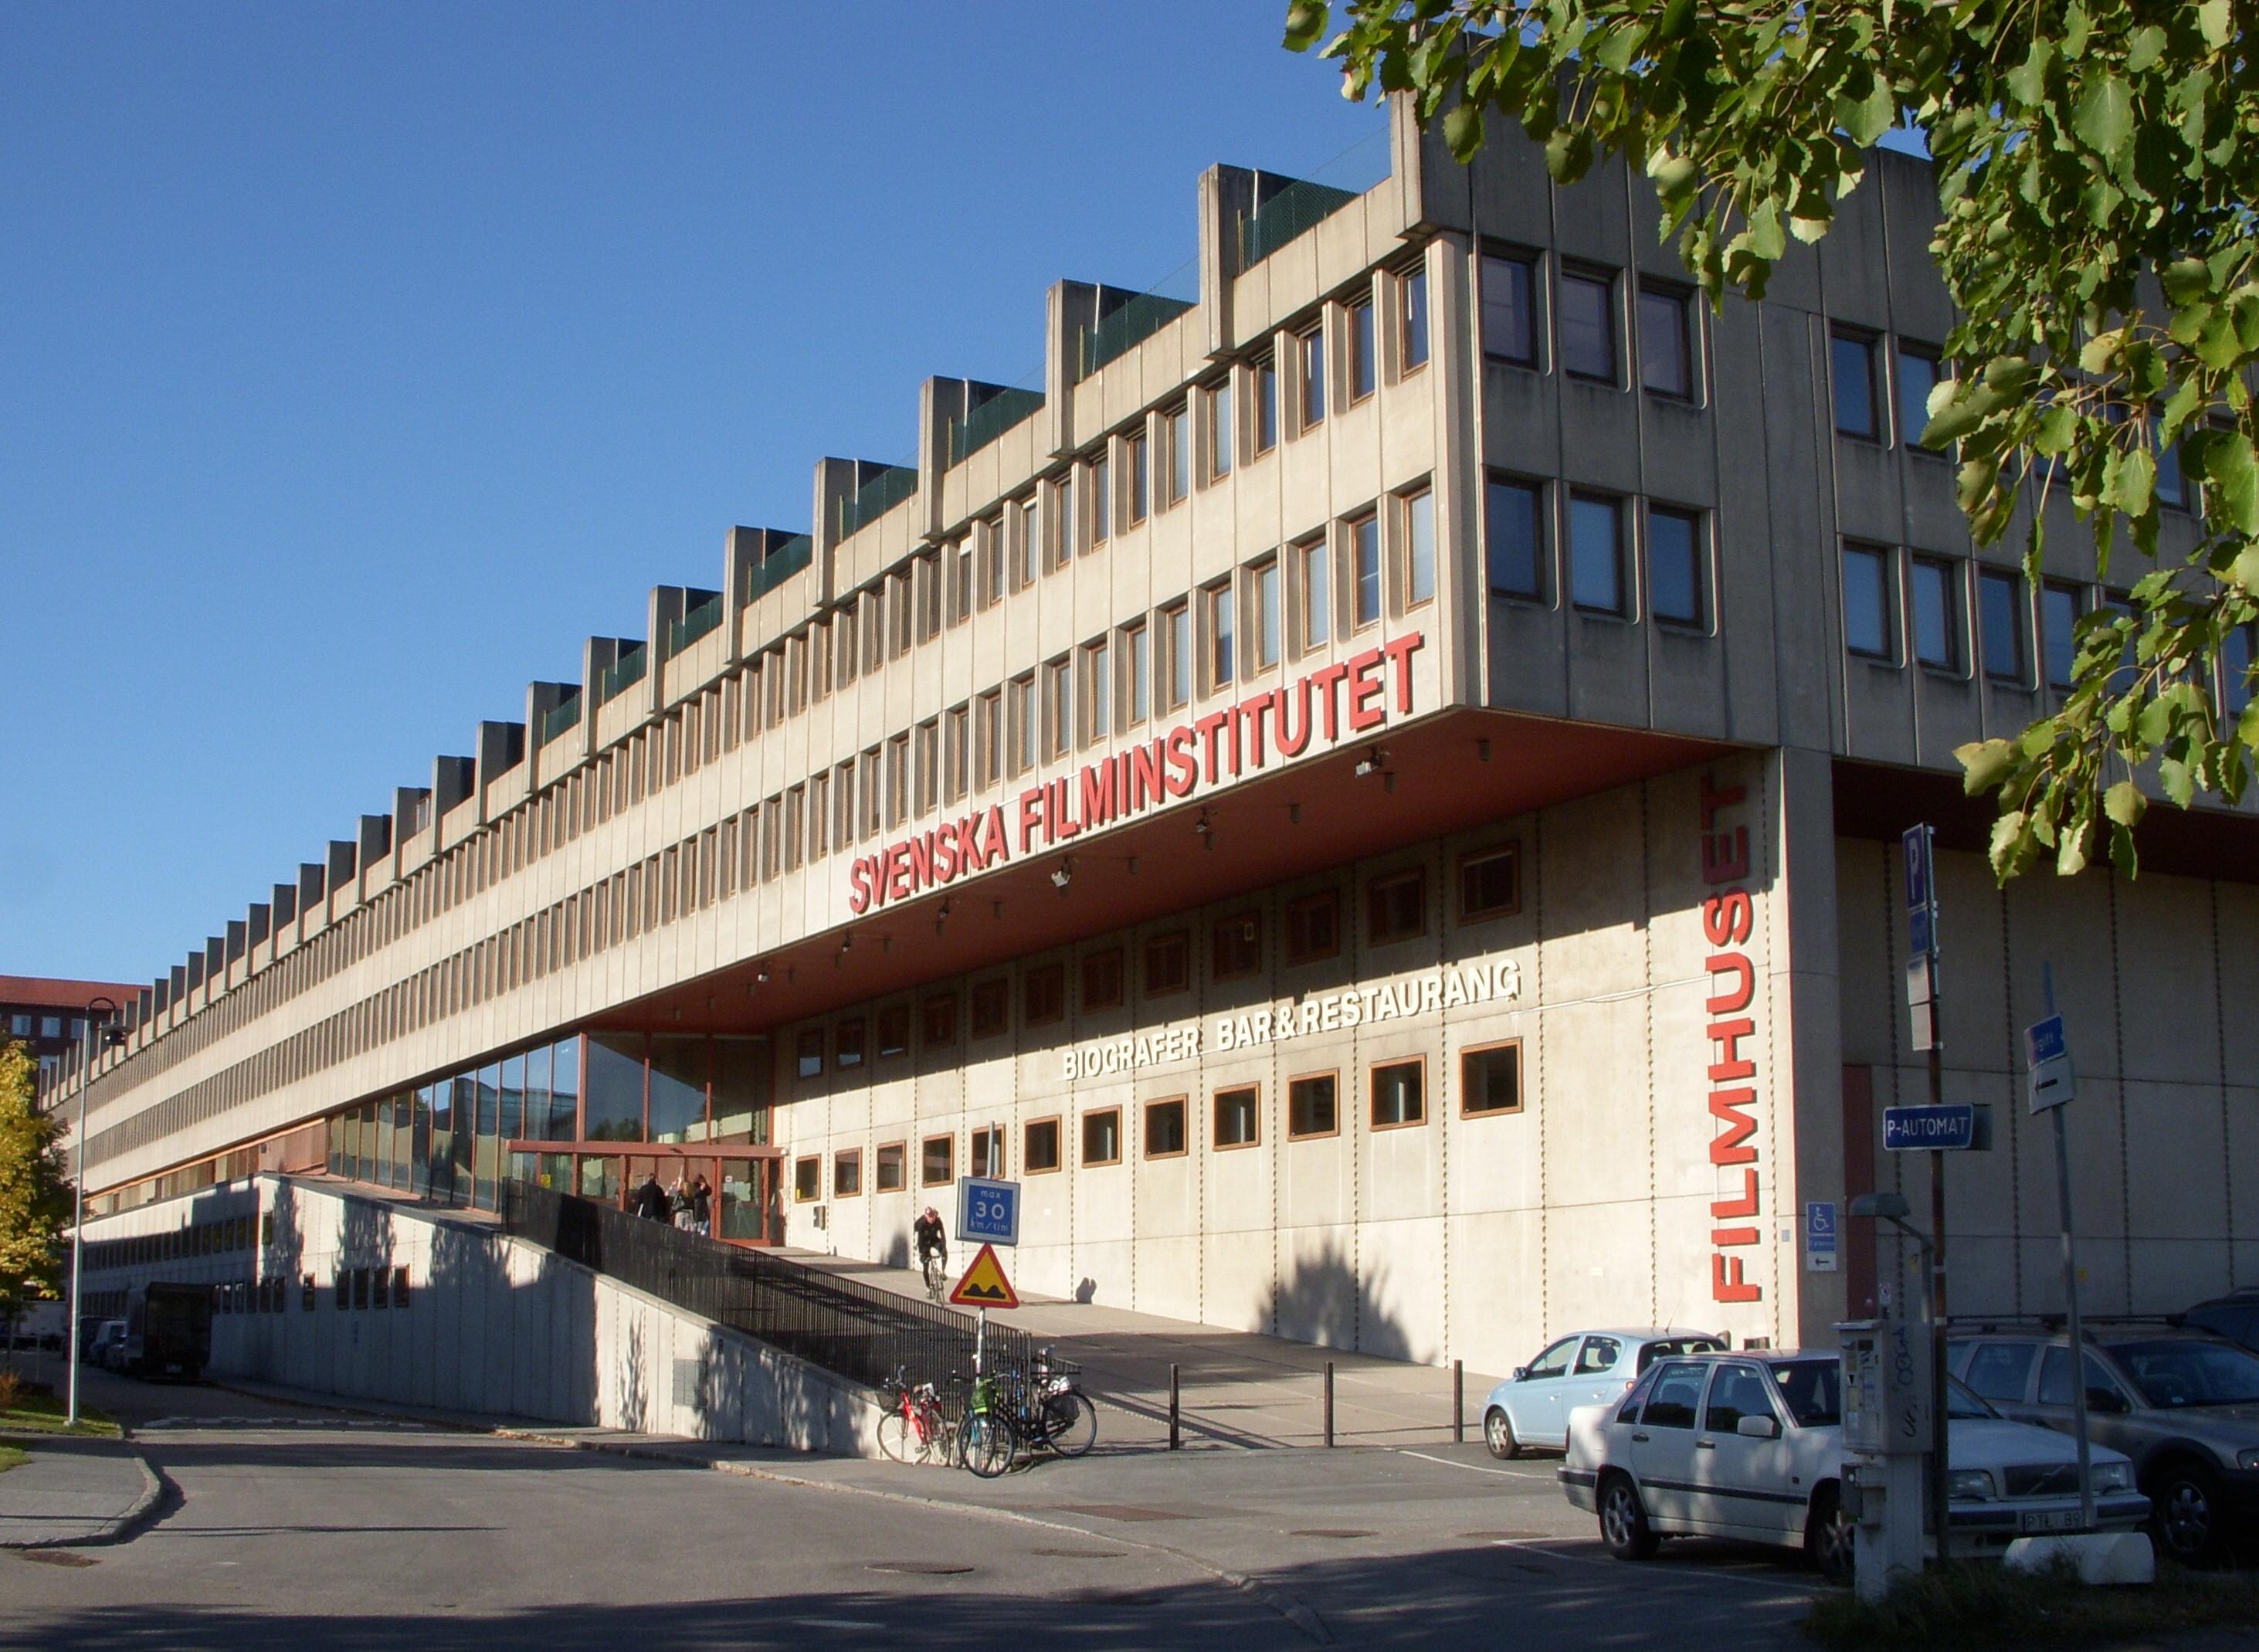 Filmhuset Wikipedia